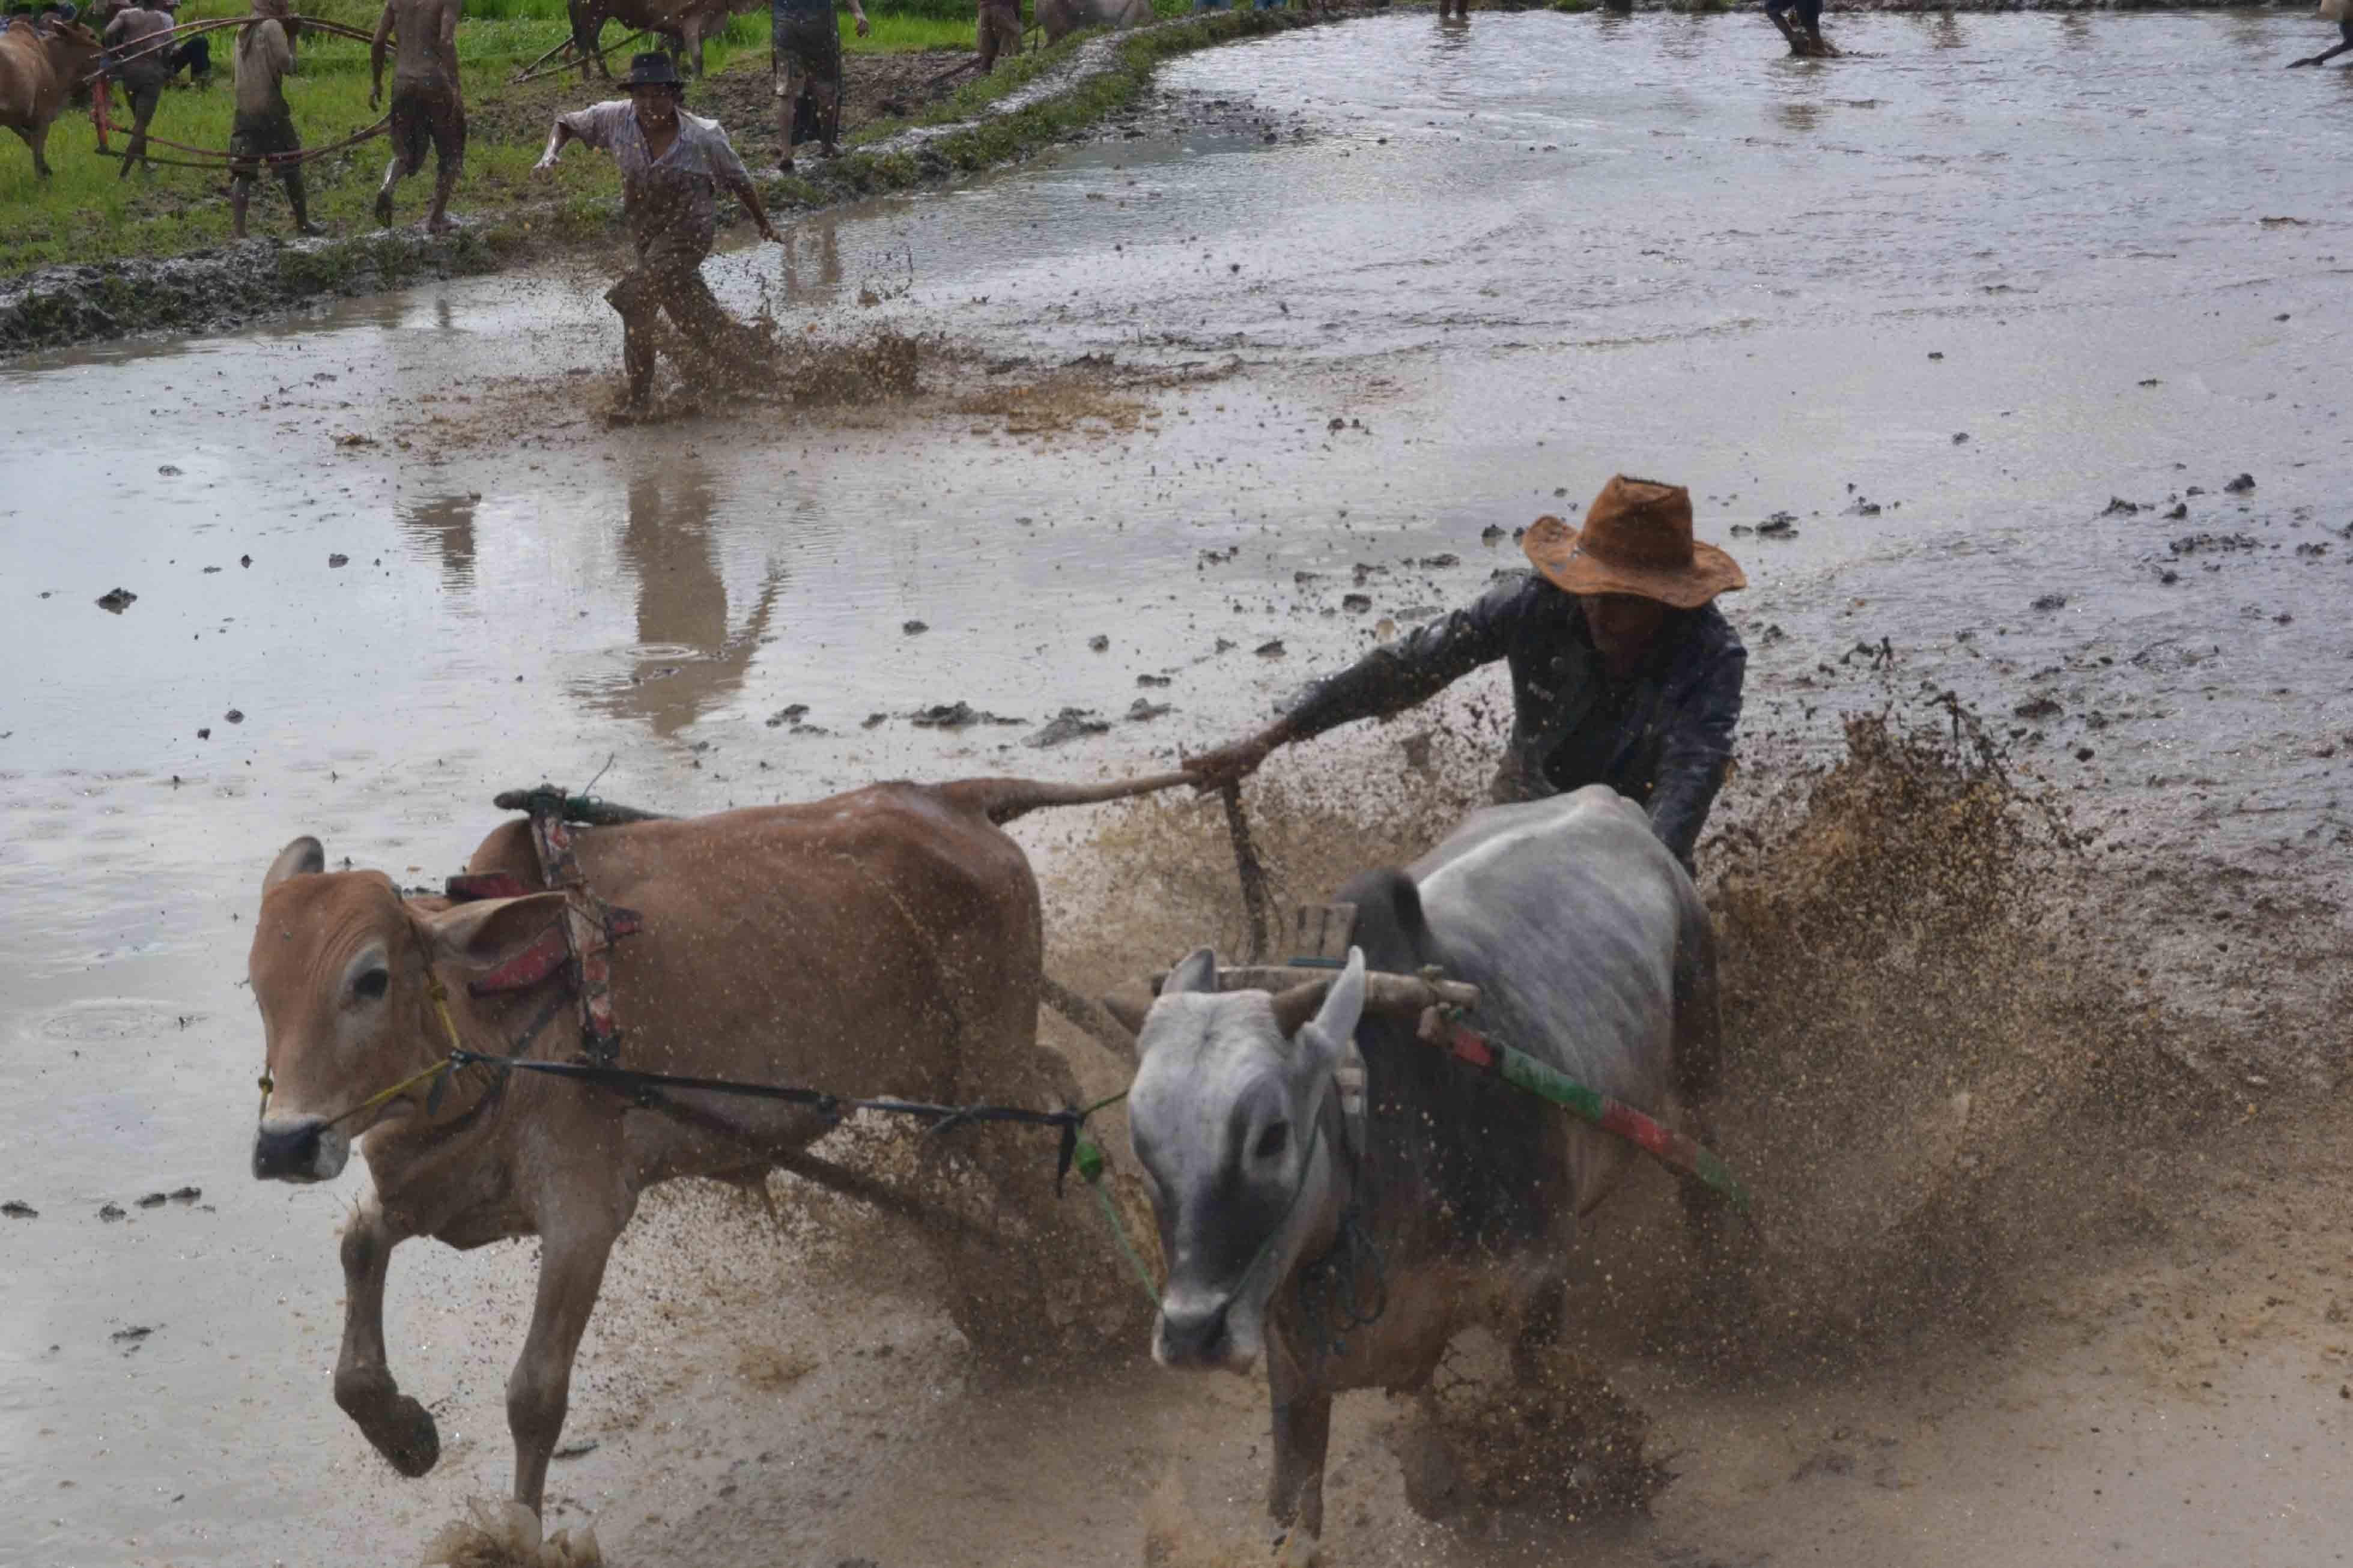 Cow Pulling Wagon : Images gratuites eau chariot vache bétail